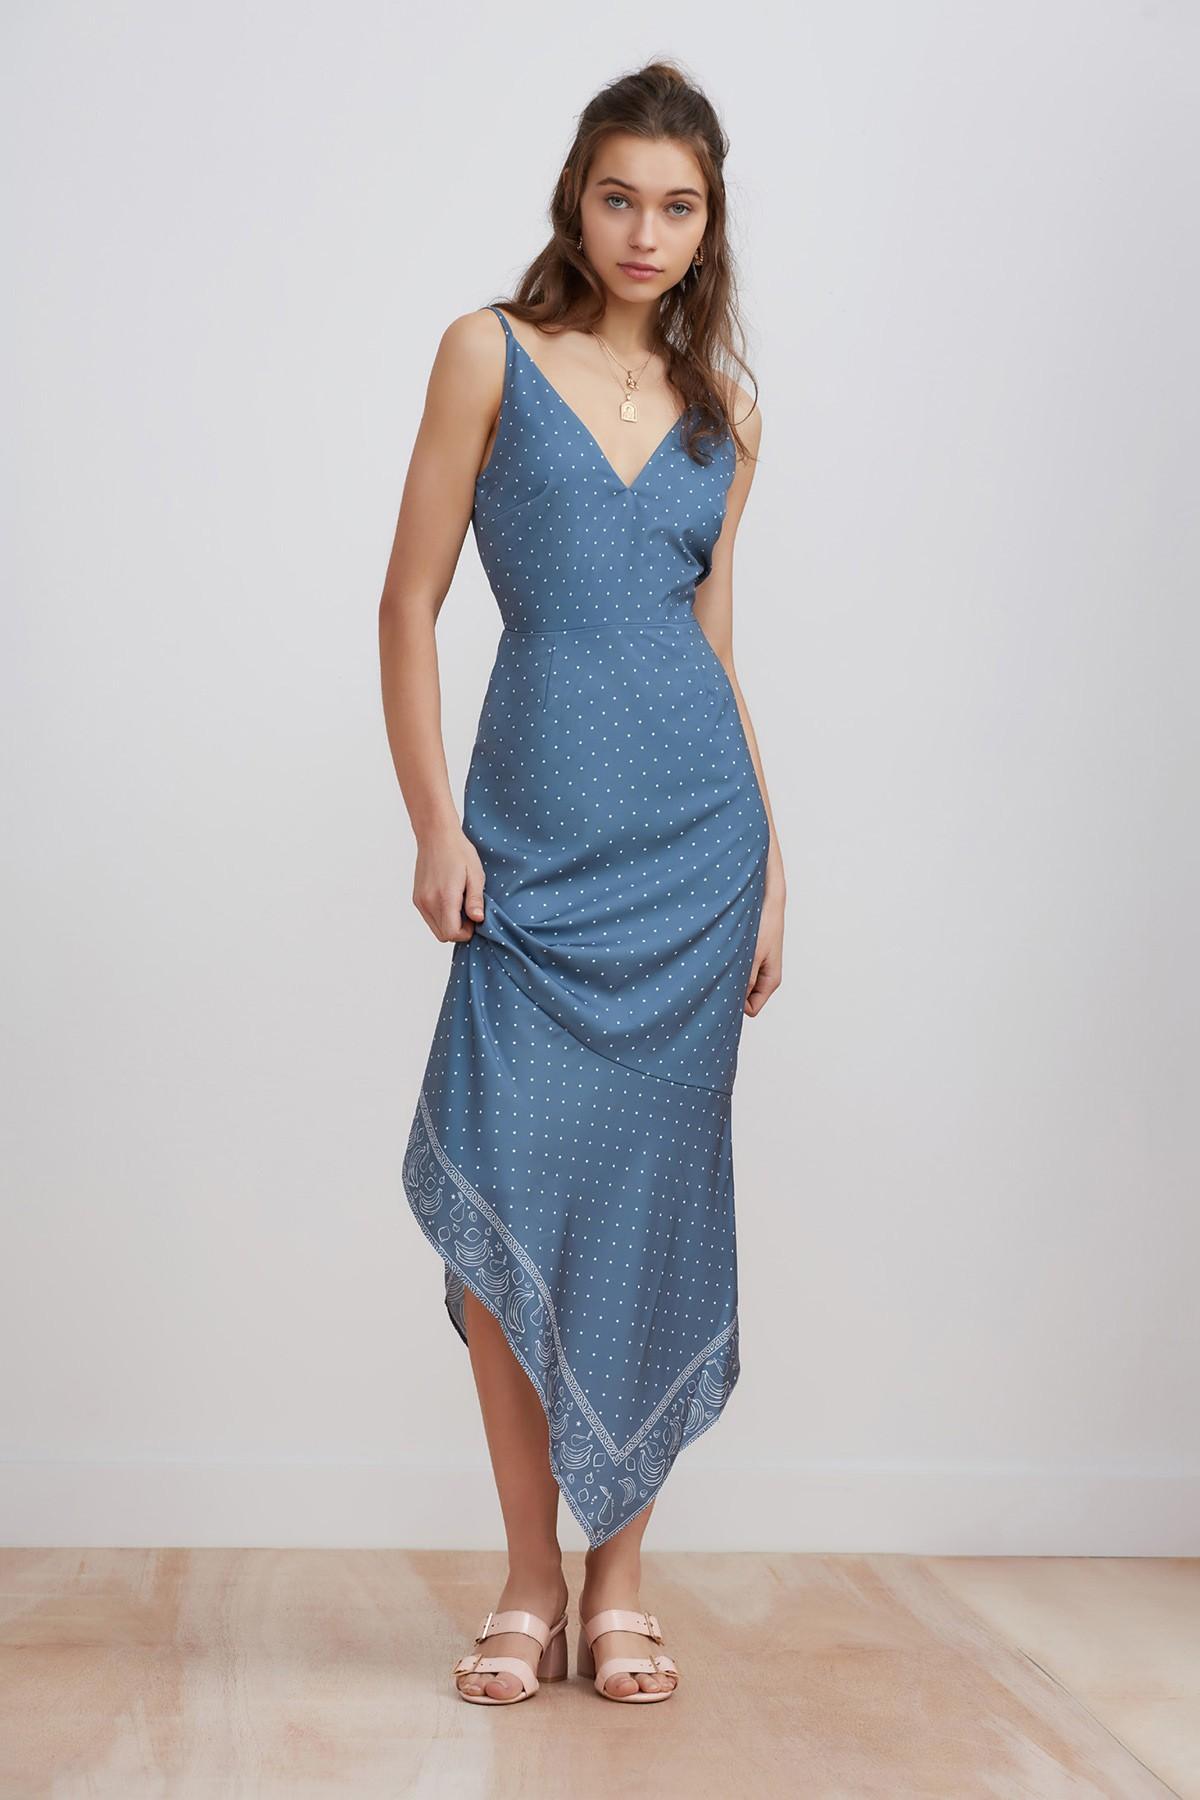 Finders Keepers Vanish Midi Dress